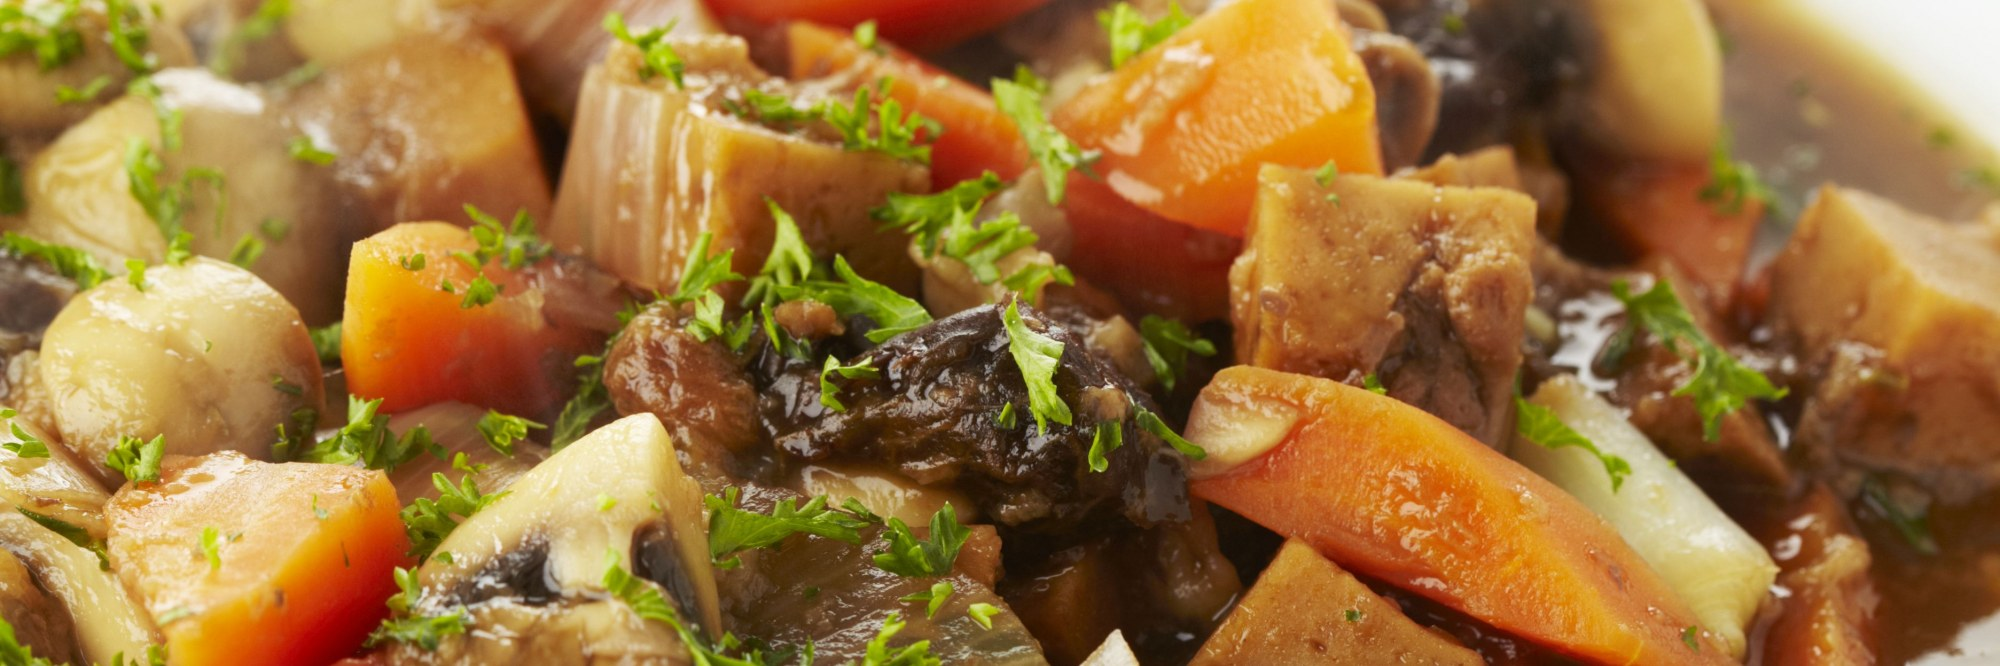 Ragoût aux légumes et au seitan